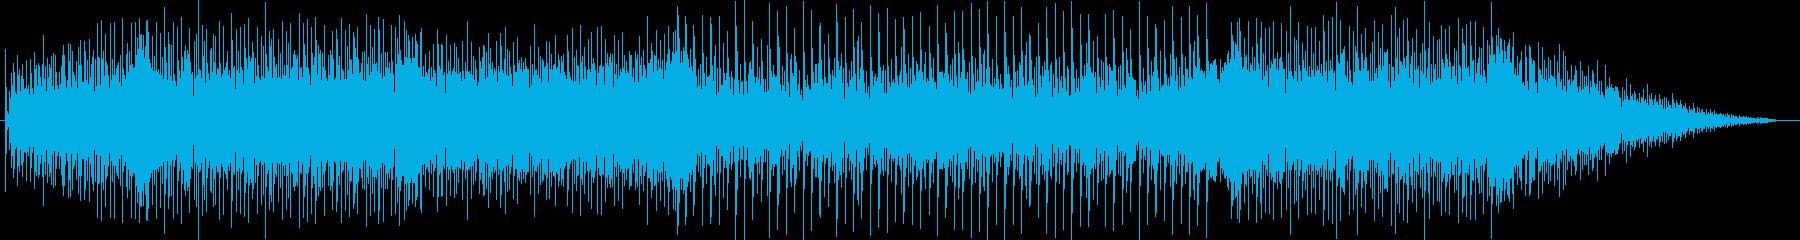 ニュースに流れるようなBGMの再生済みの波形